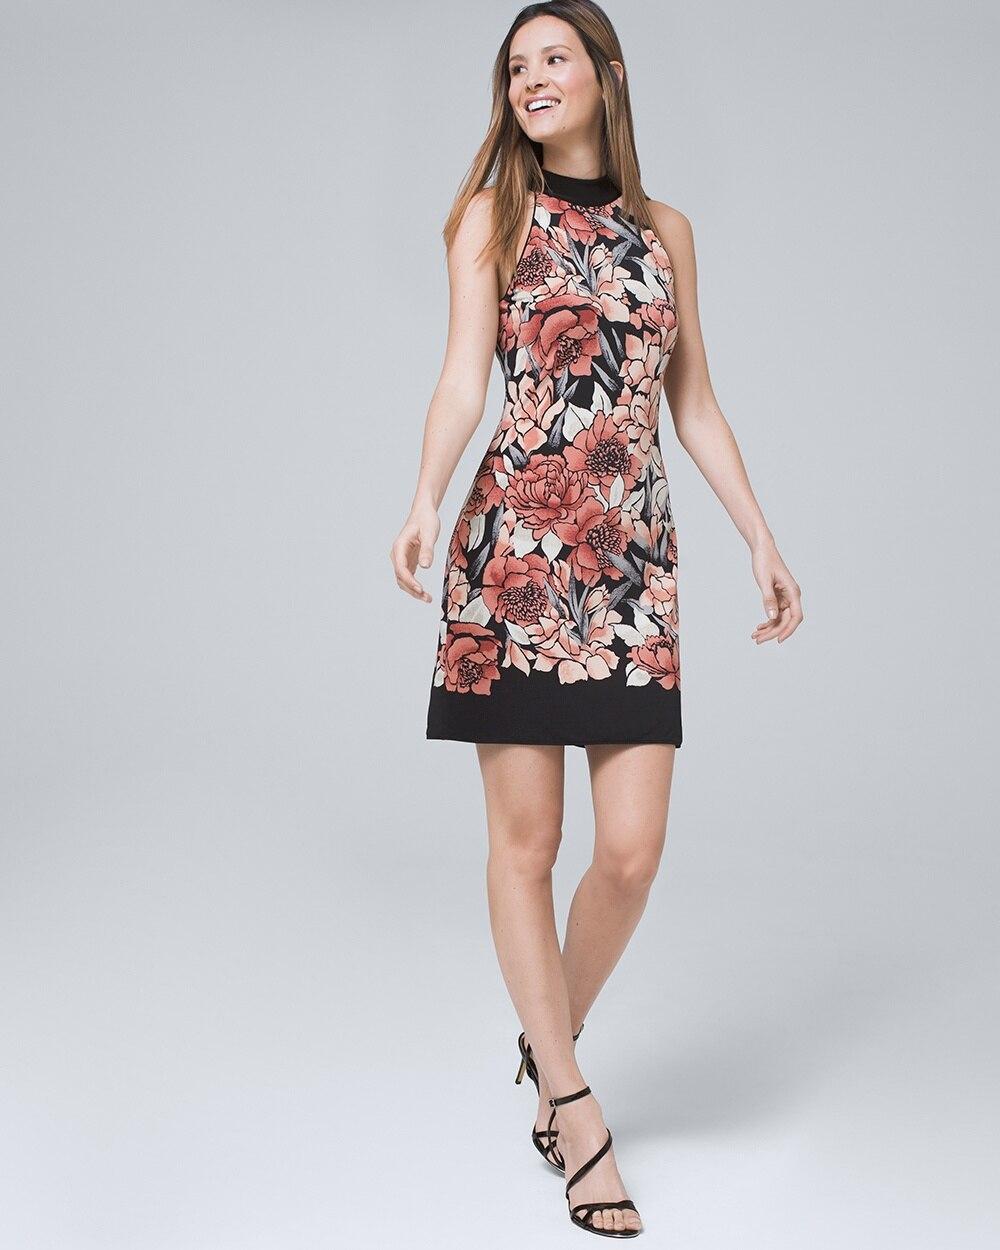 21fd7e899af2 Reversible Floral/Solid Shift Dress - White House Black Market